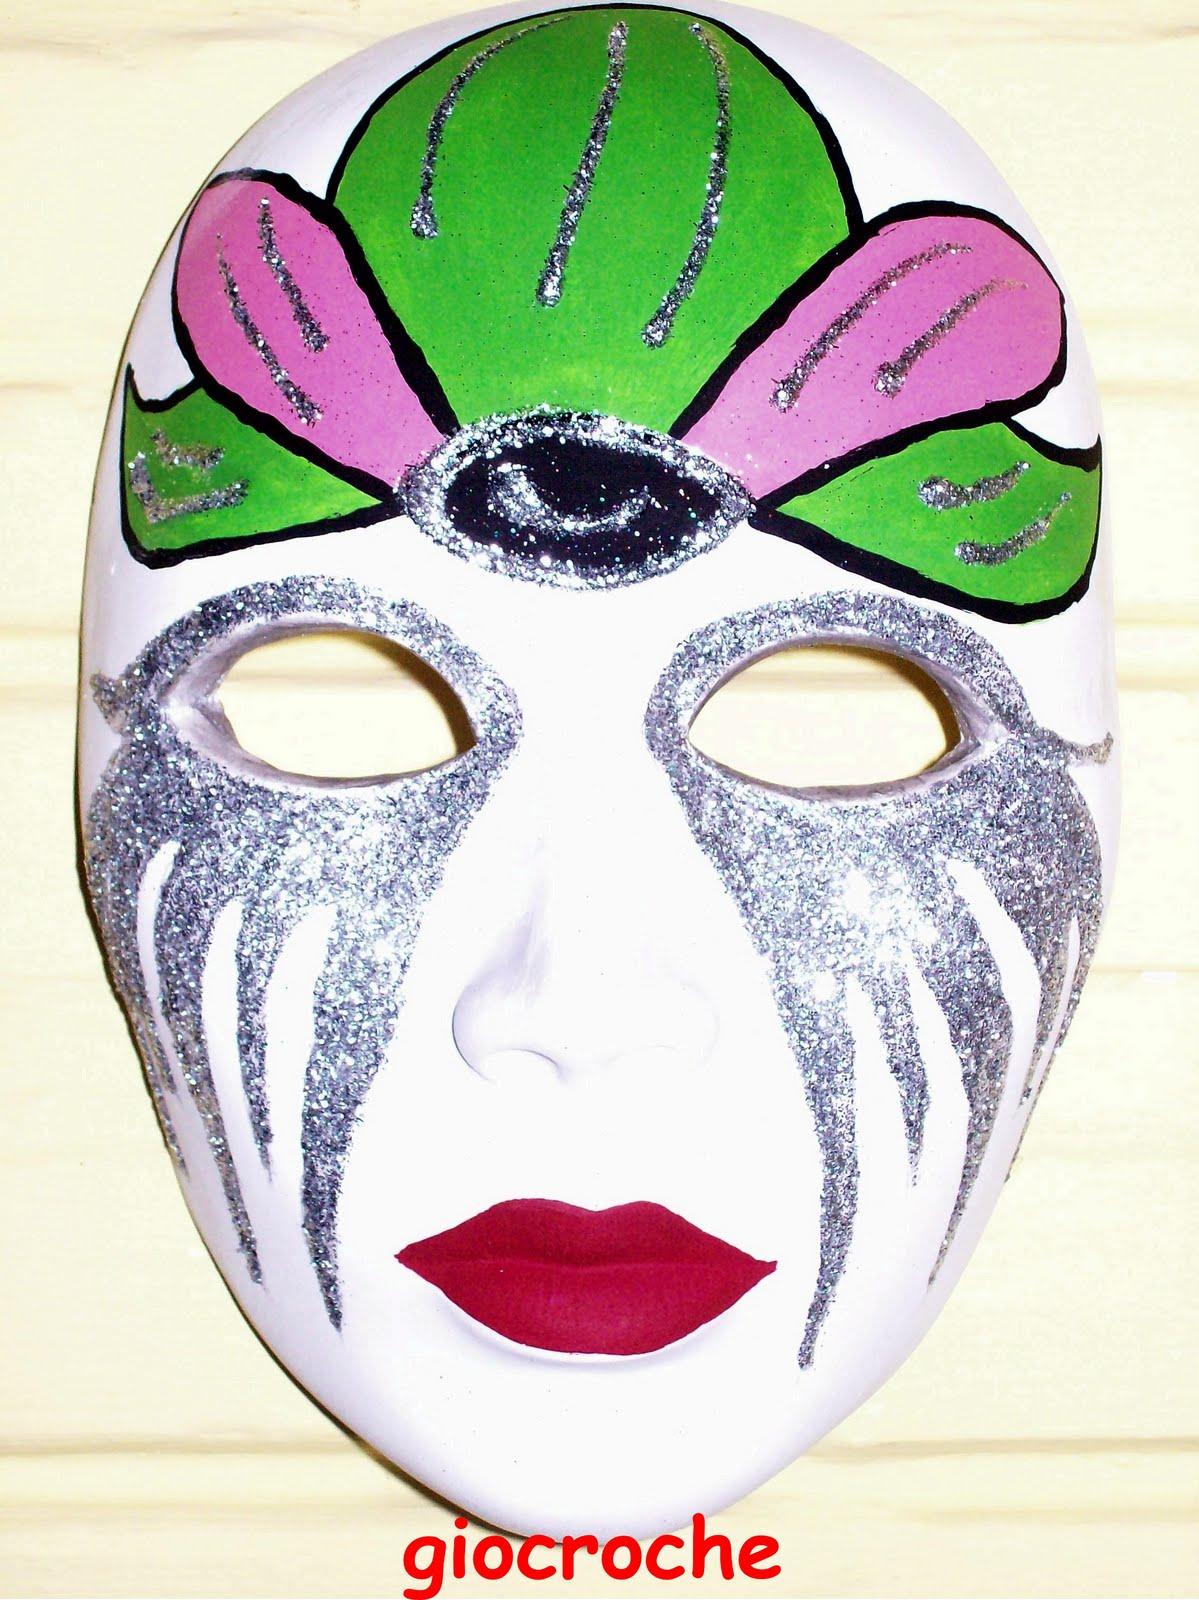 Gio croche mascaras venecianas - Mascaras venecianas decoracion ...